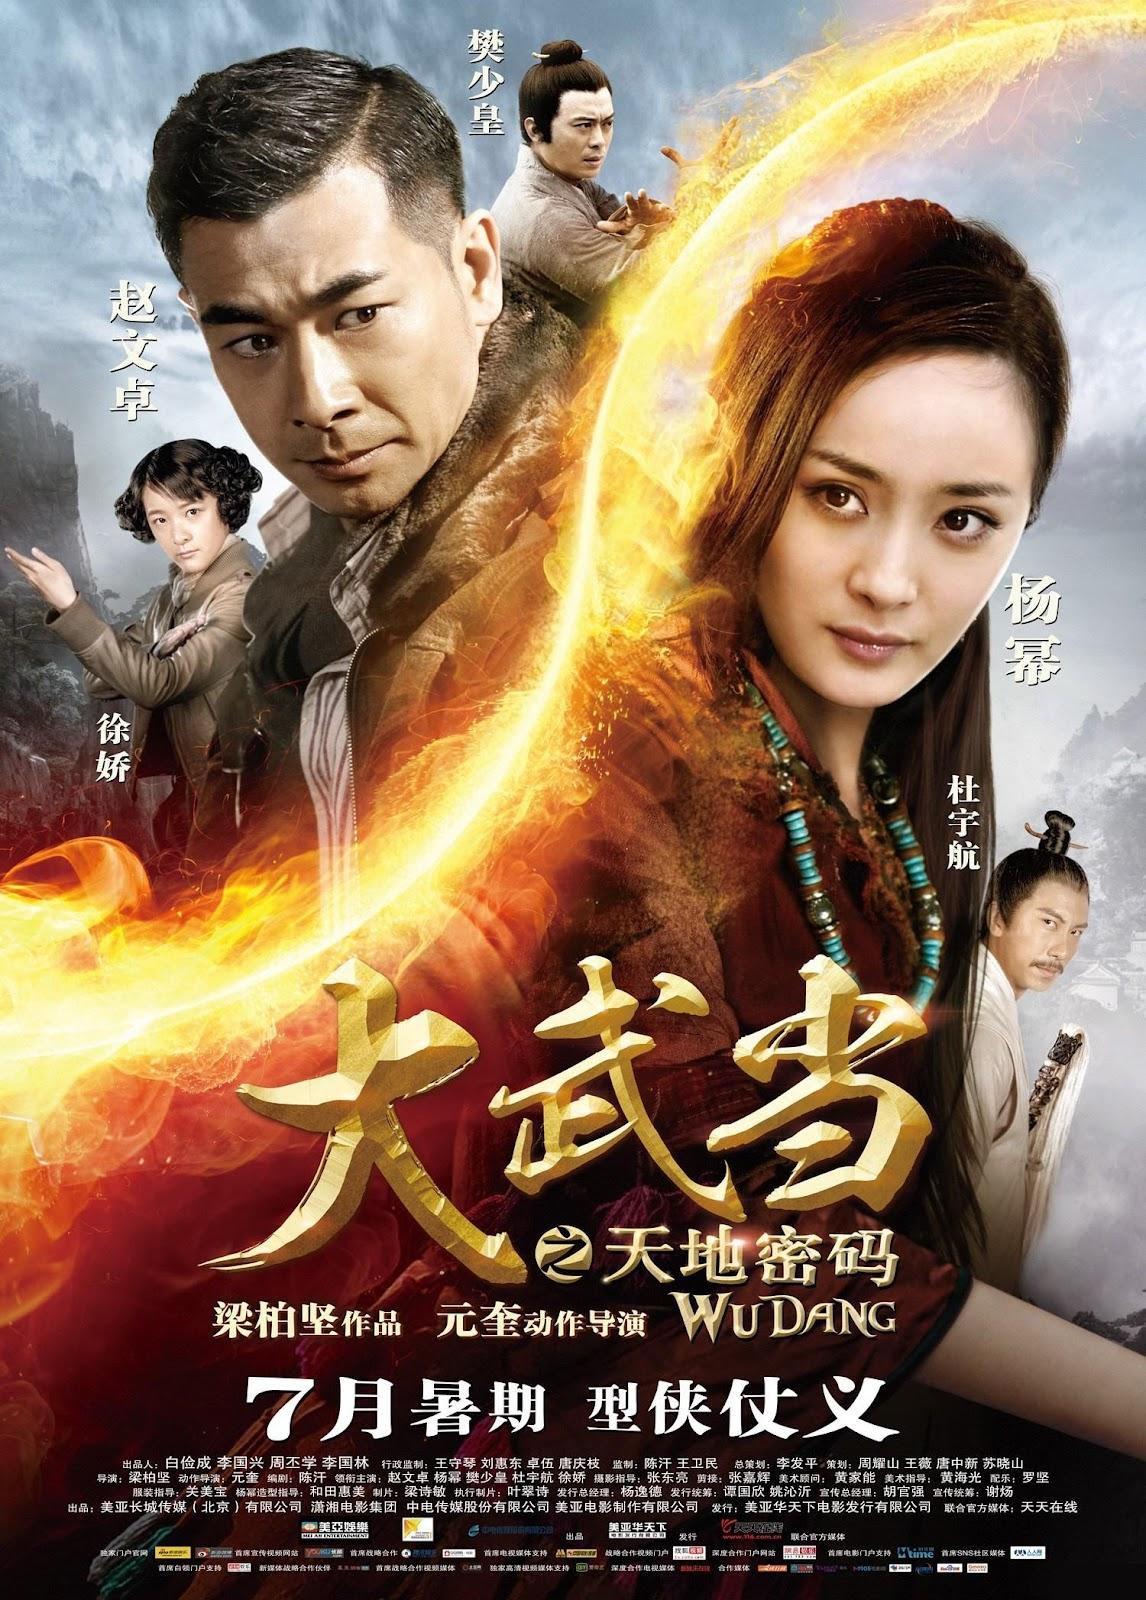 Yang Mi Wu Dang WU DANG (2012) short r...